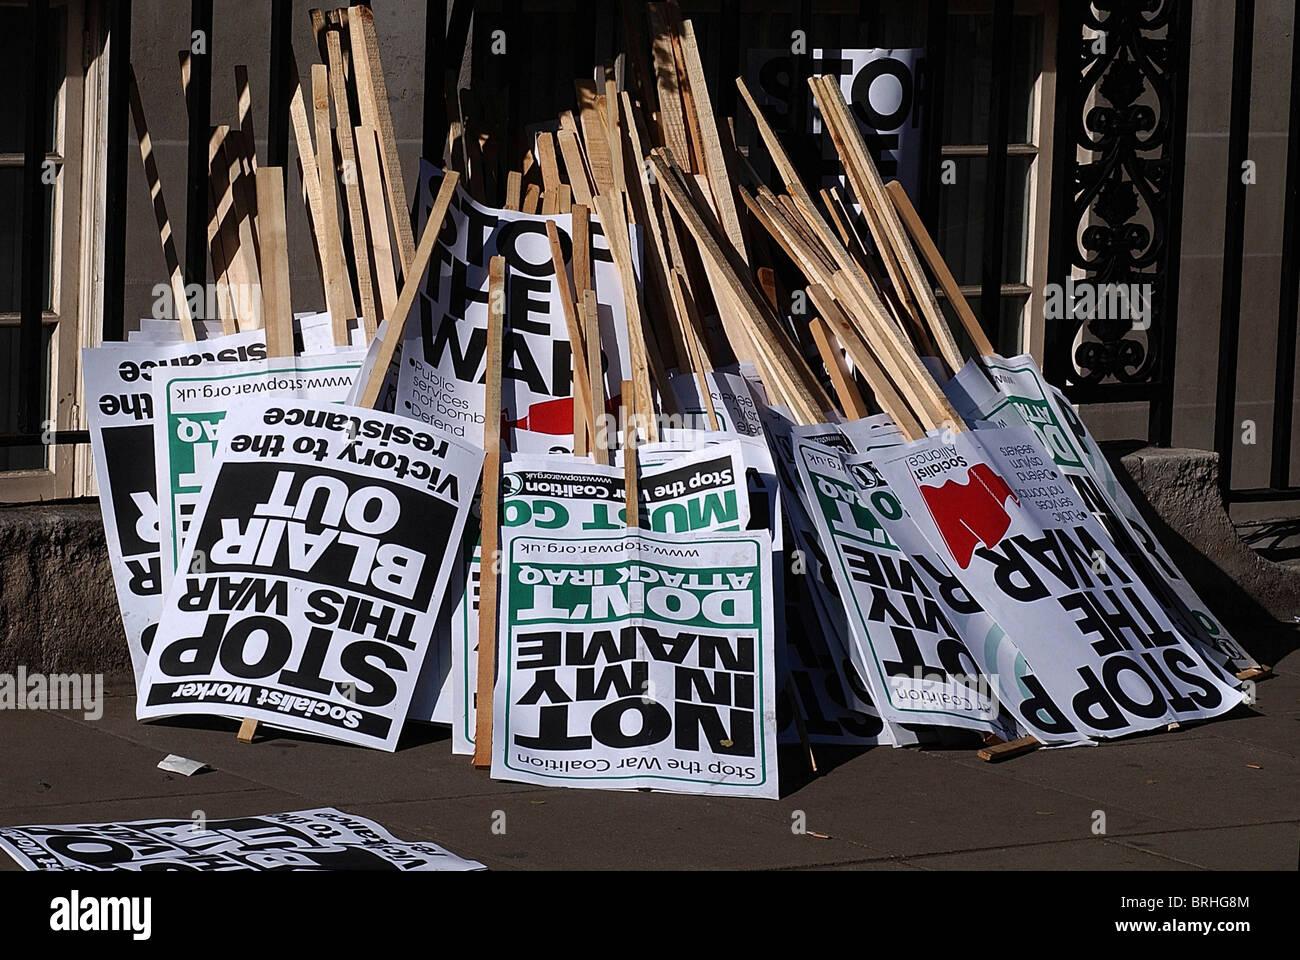 Après l'enlèvement des plaques jetées Grosvenor Sqr. anti war demo, 05-04-2003. Photo de John Photo Stock